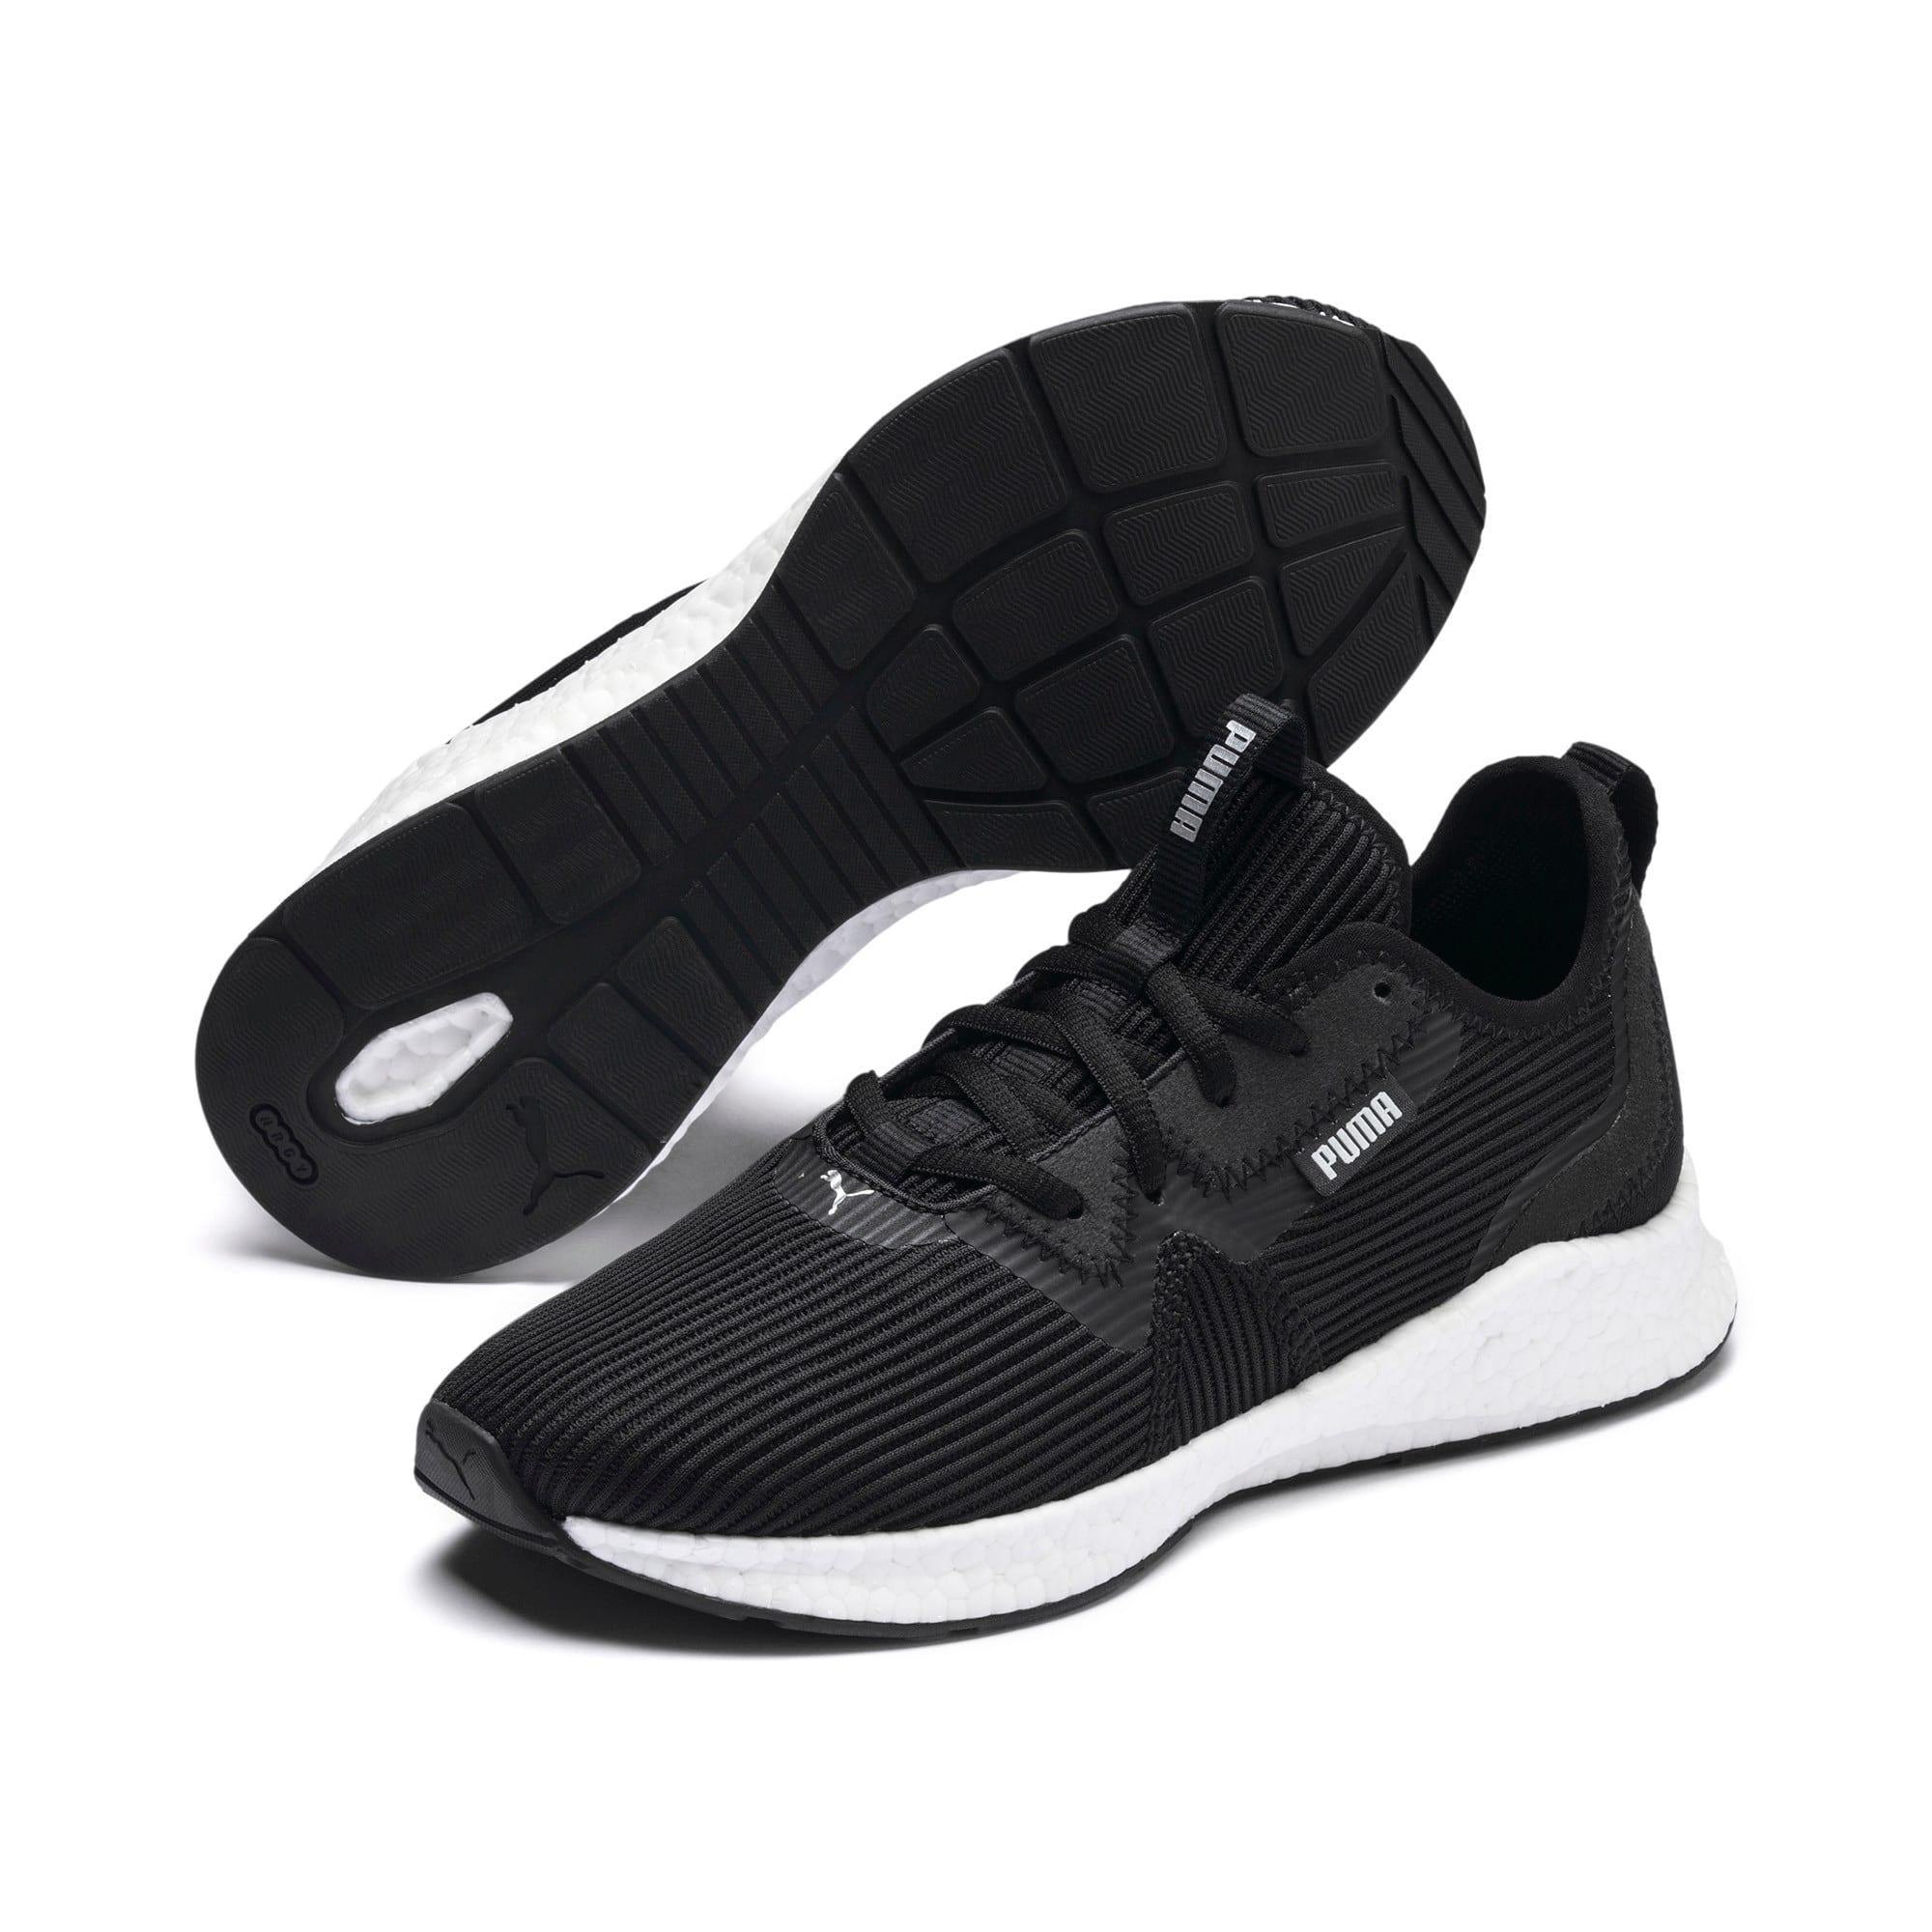 Thumbnail 2 of NRGY Star Femme Women's Running Shoes, Black-Silver-White, medium